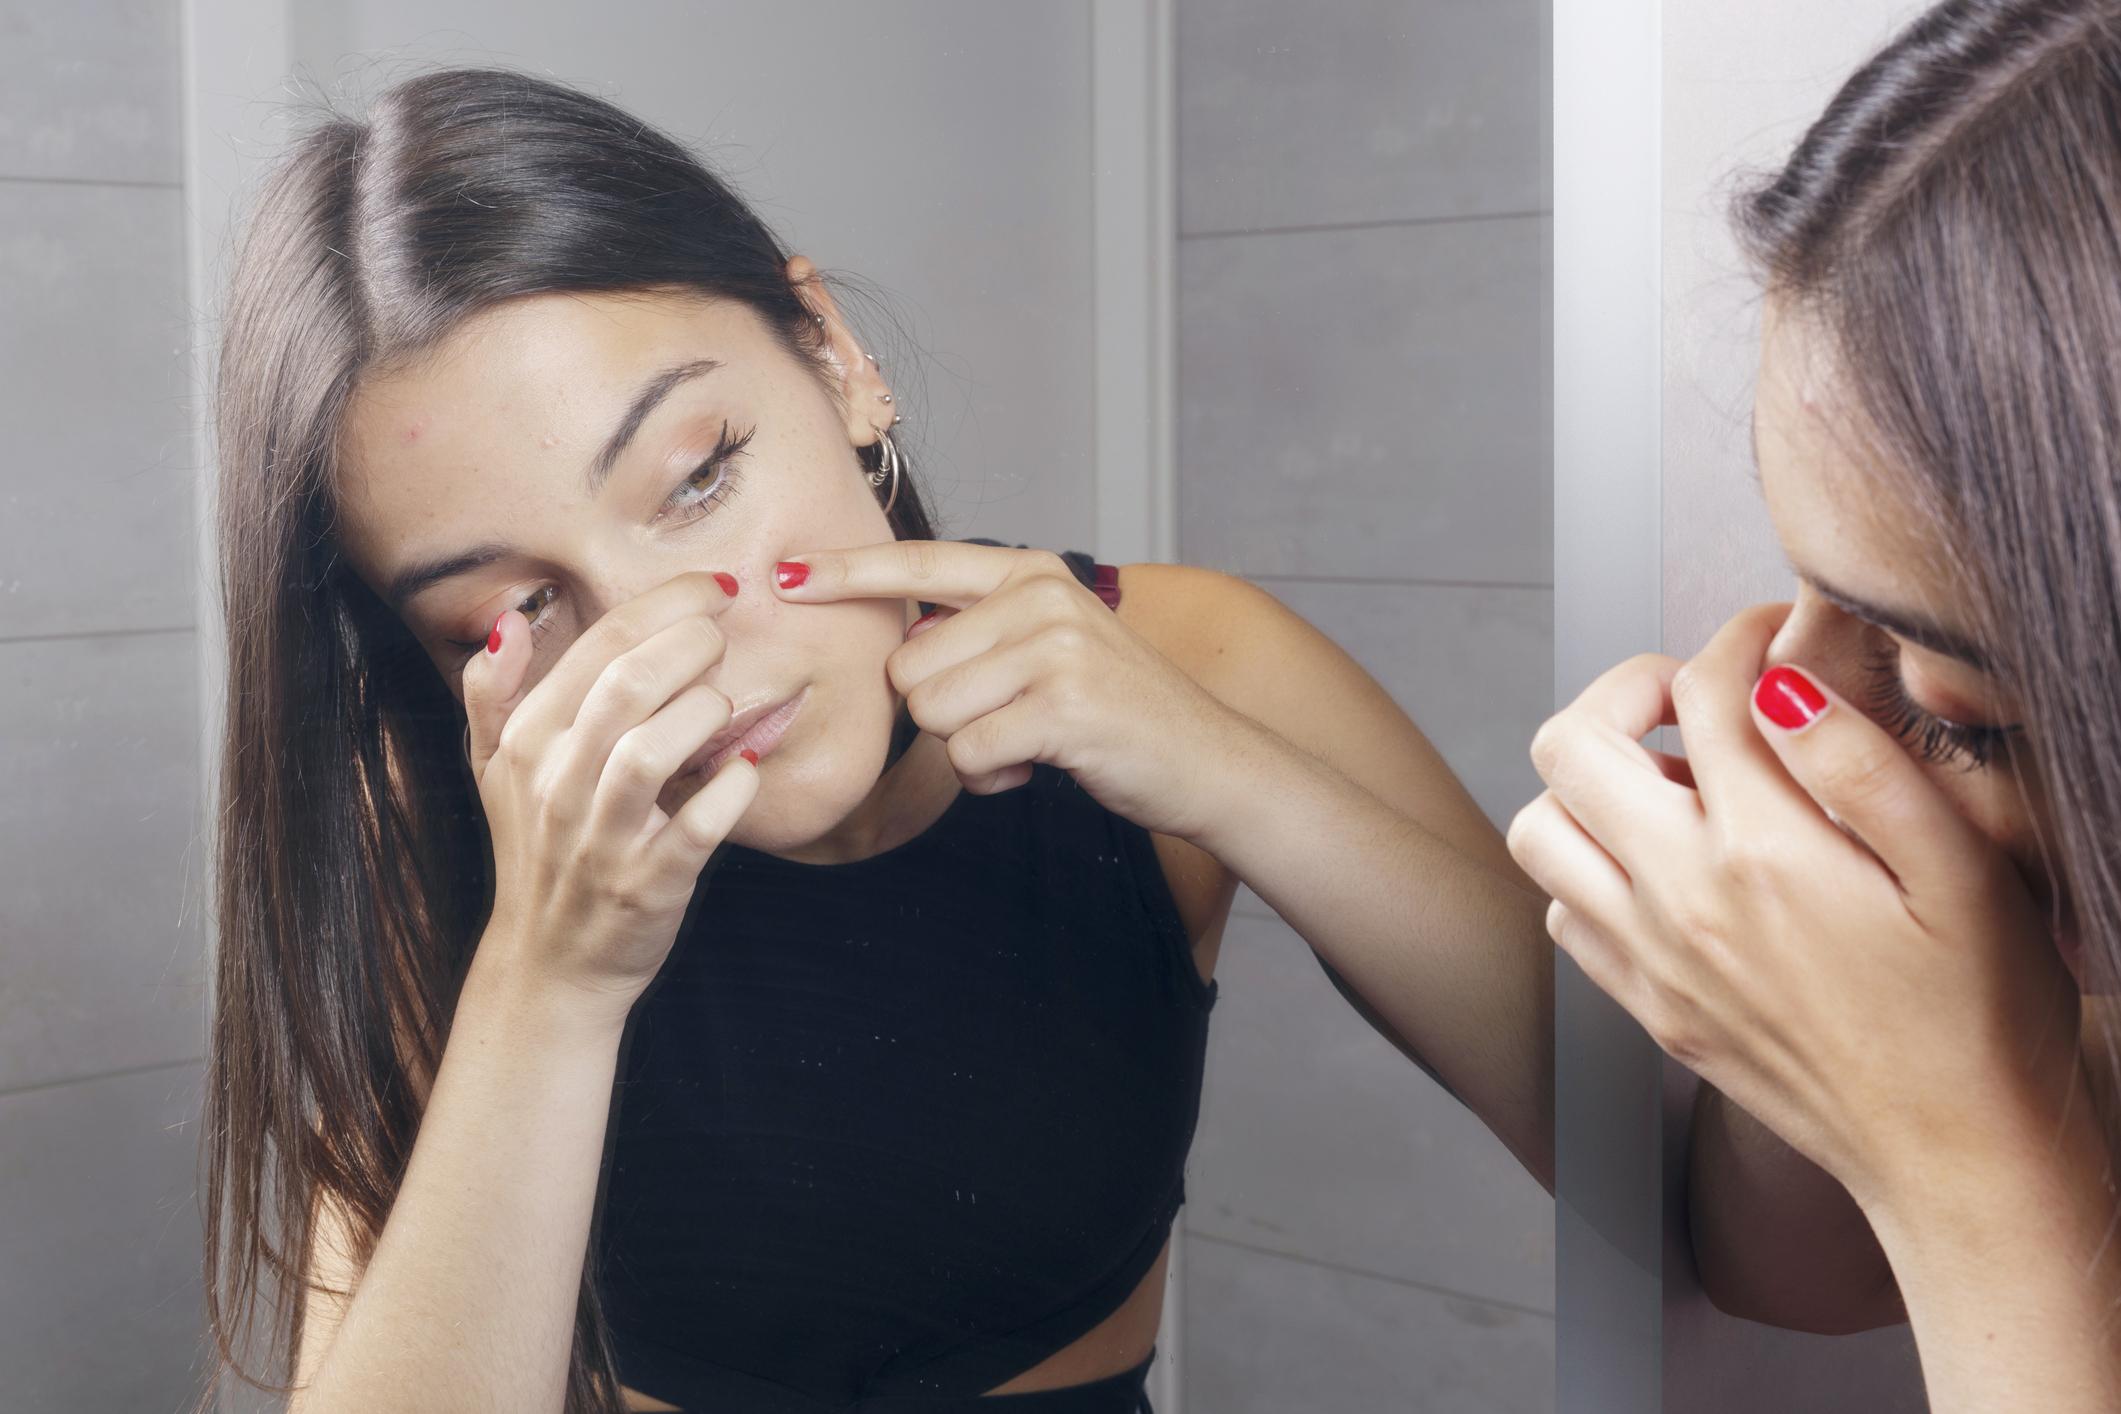 Hábitos pele livre de manchas - não cutucar o rosto